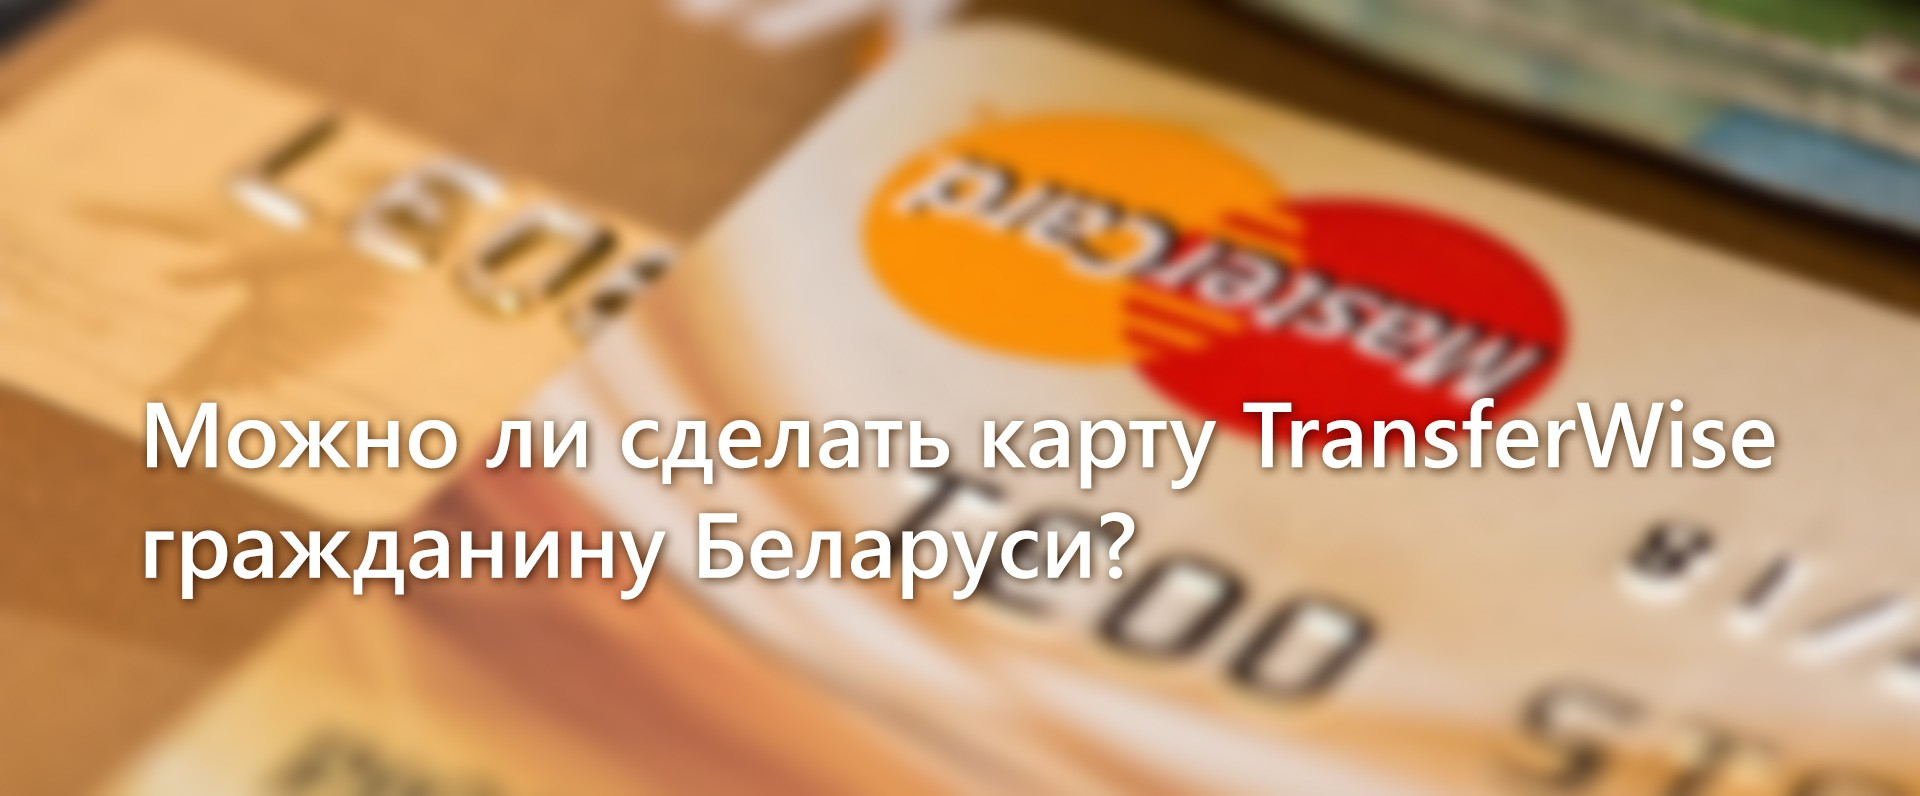 Можно ли сделать или заказать карту Transferwise гражданину Беларуси